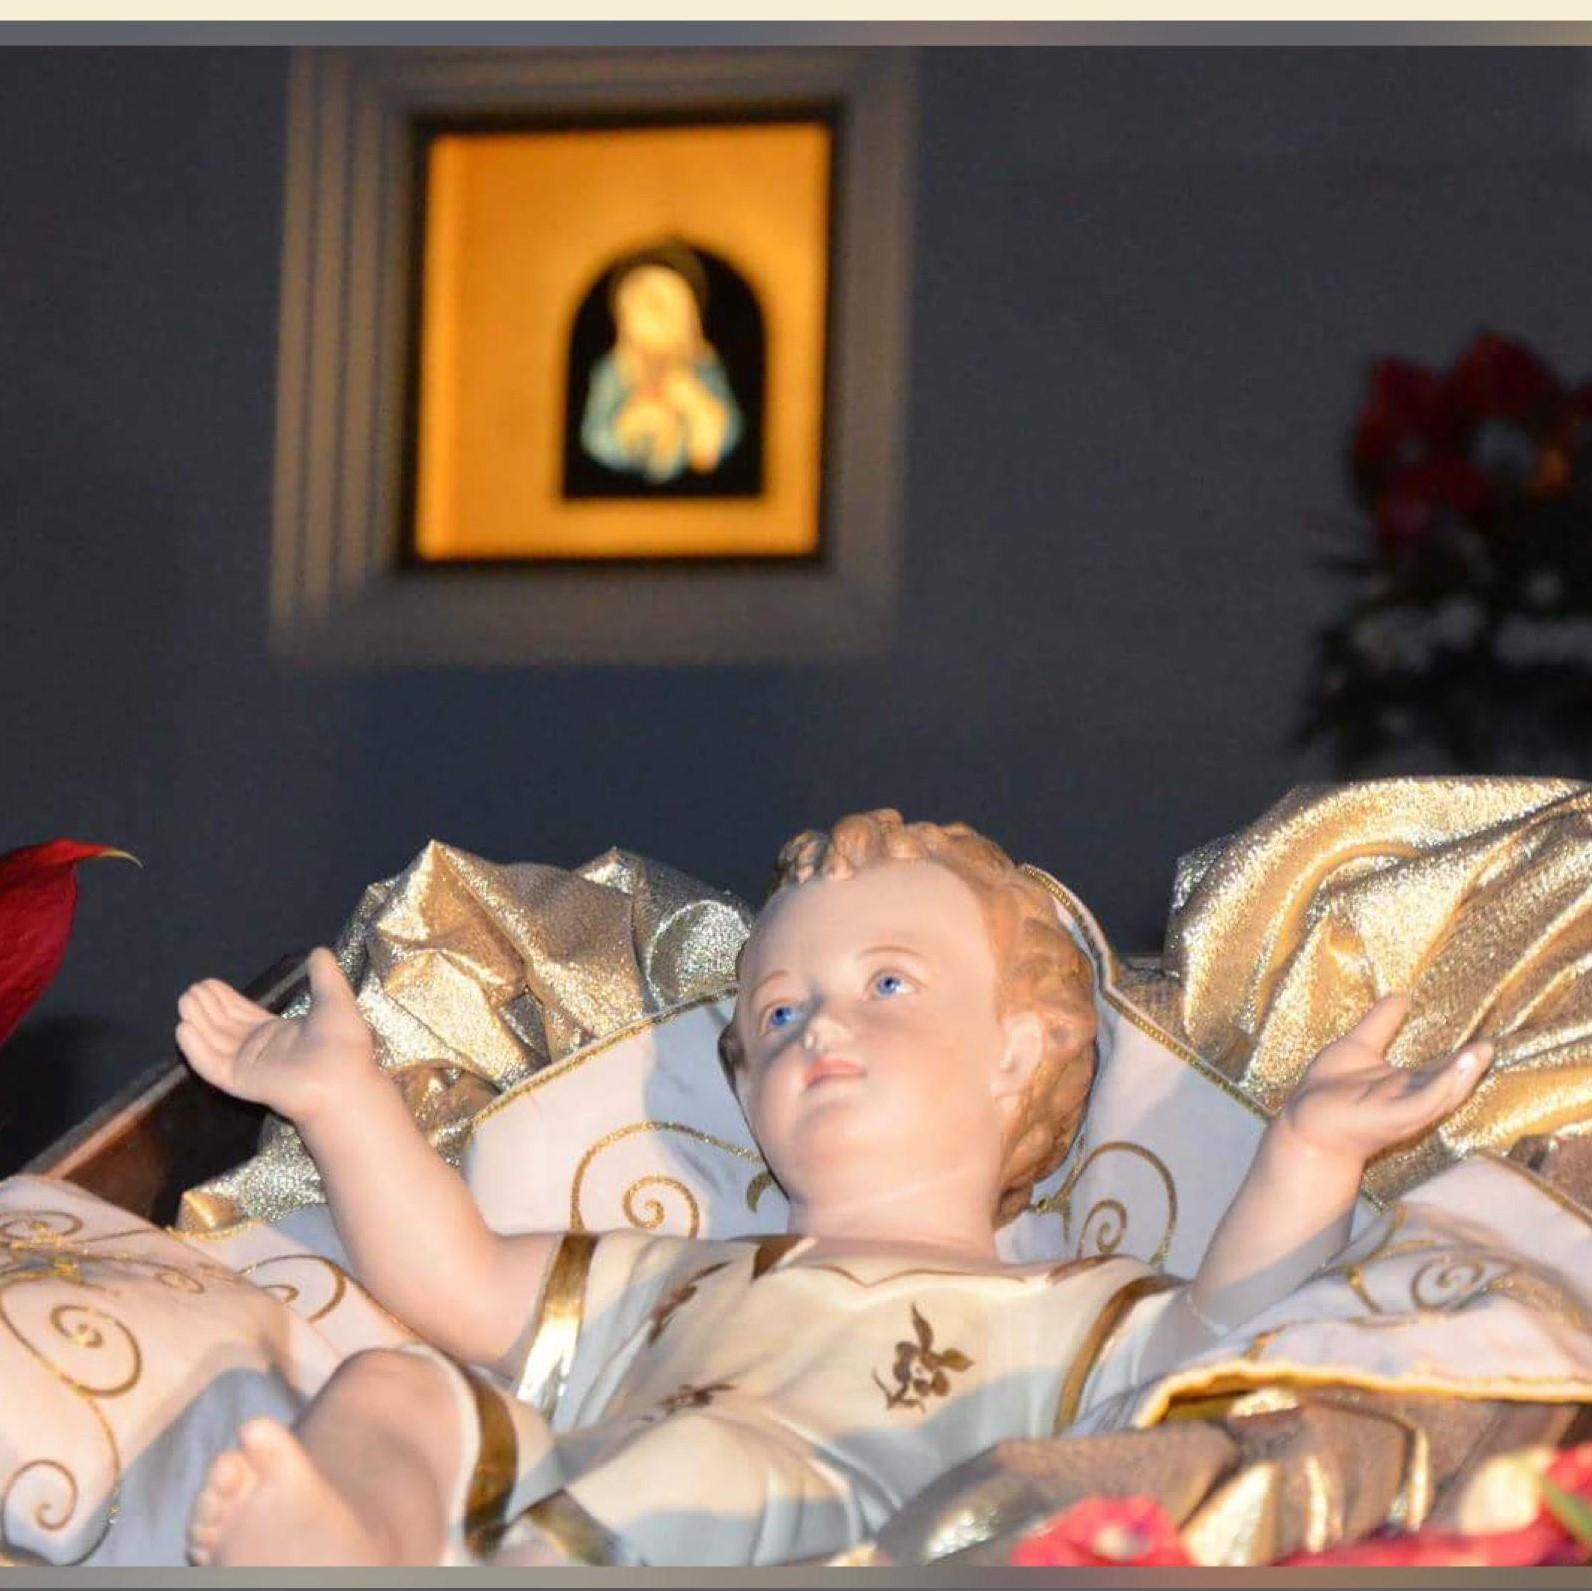 """Siracusa, Santuario Madonna delle Lacrime. Concerto dell'Epifania  """"Venite Adoremus"""", venerdì 5 alle 20,30 si esibiranno tre cori: Coro Polifonico Europeo """"Giuseppe De Cicco"""", la corale """"Tetracordus"""" e il coro giovanile """"10 in condotta""""."""